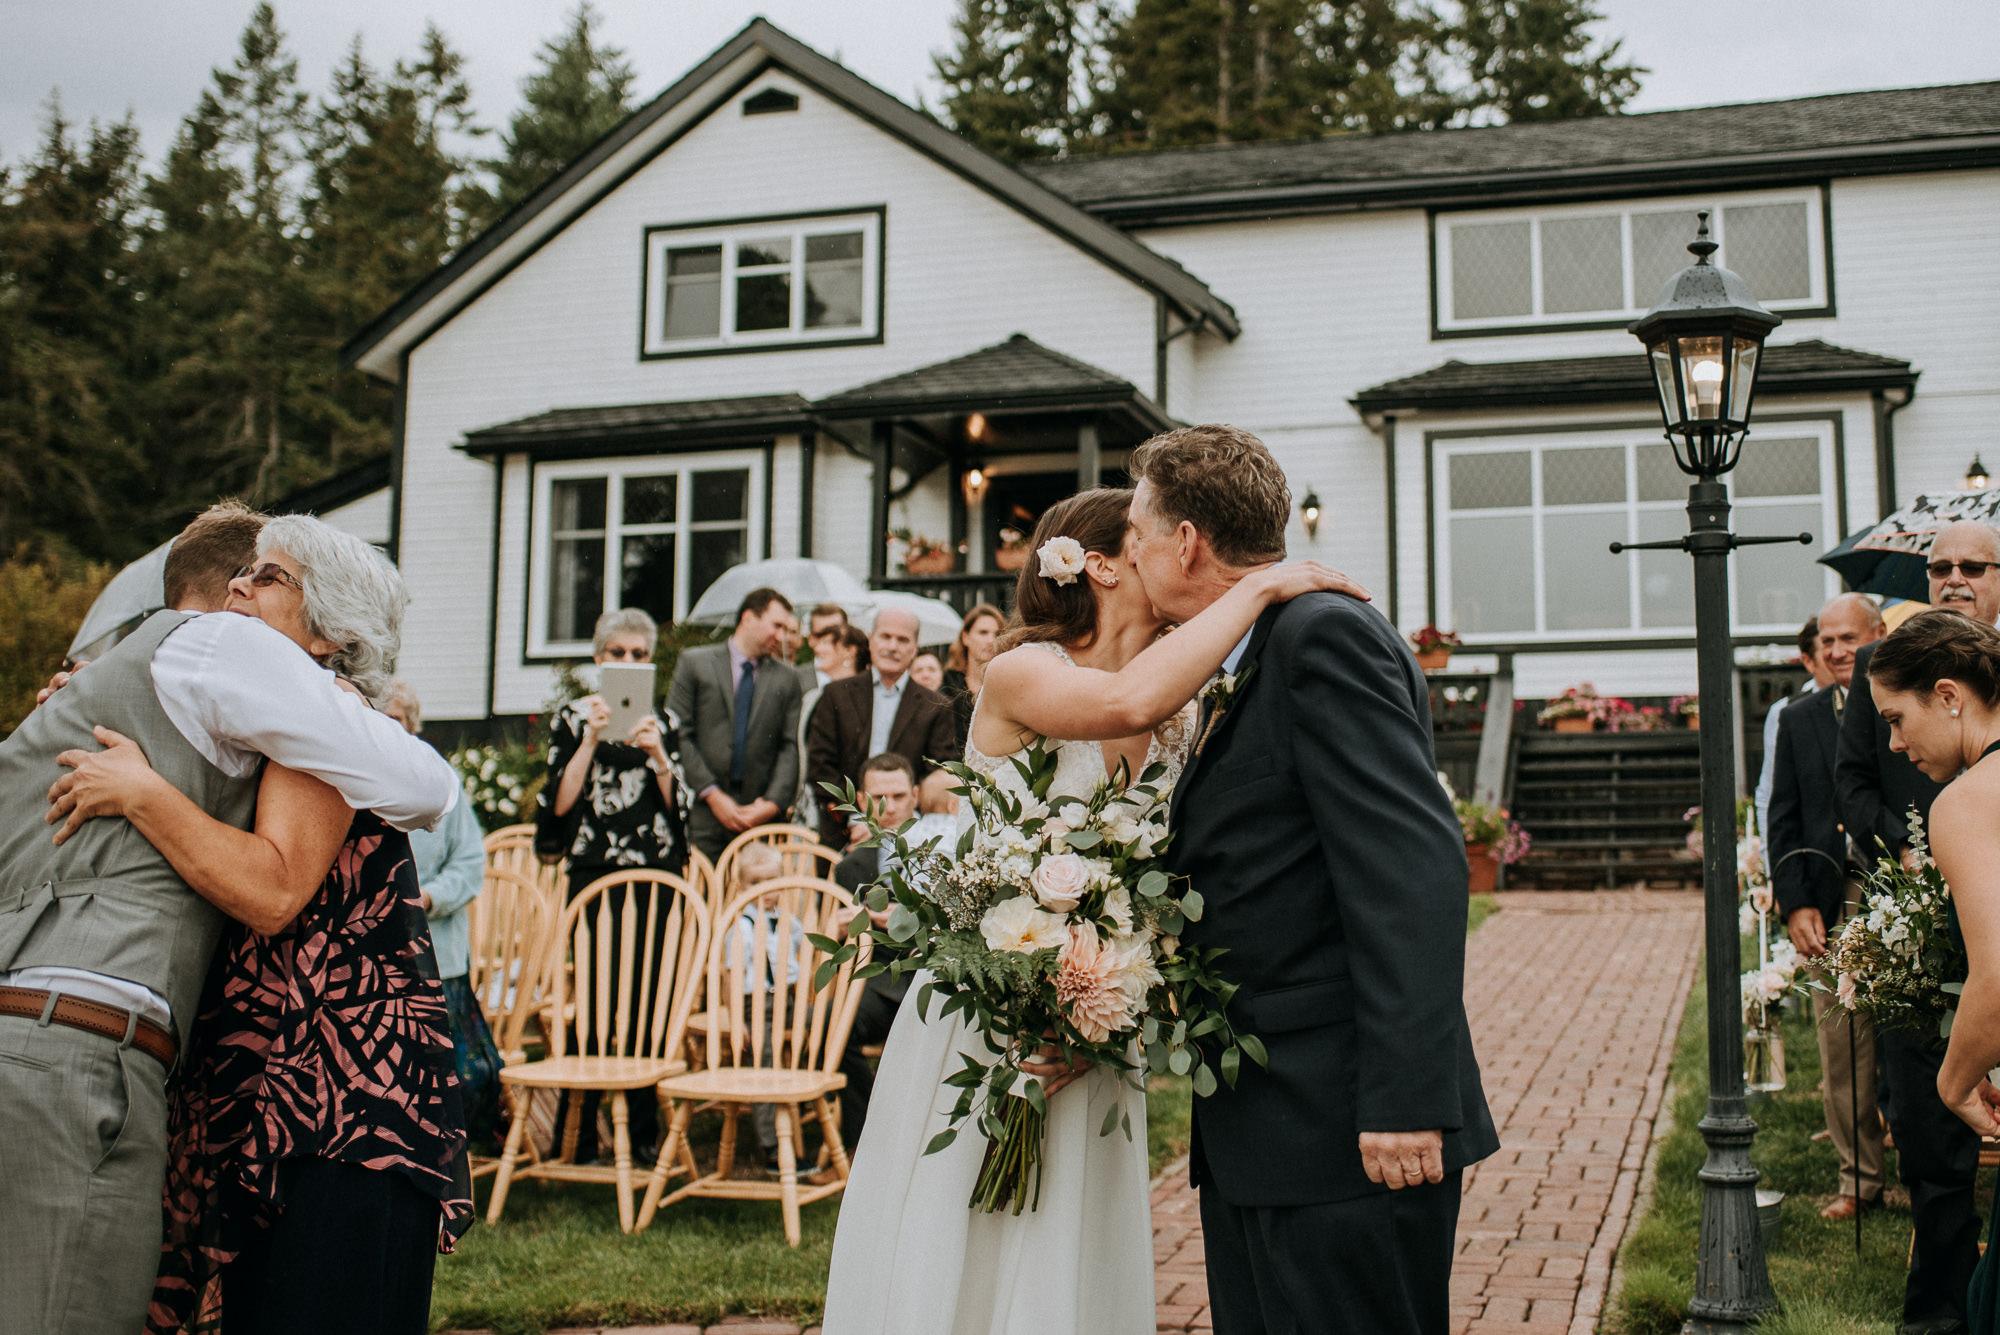 56-overbury-resort-thetis-island-wedding-jan-ian-6974.jpg